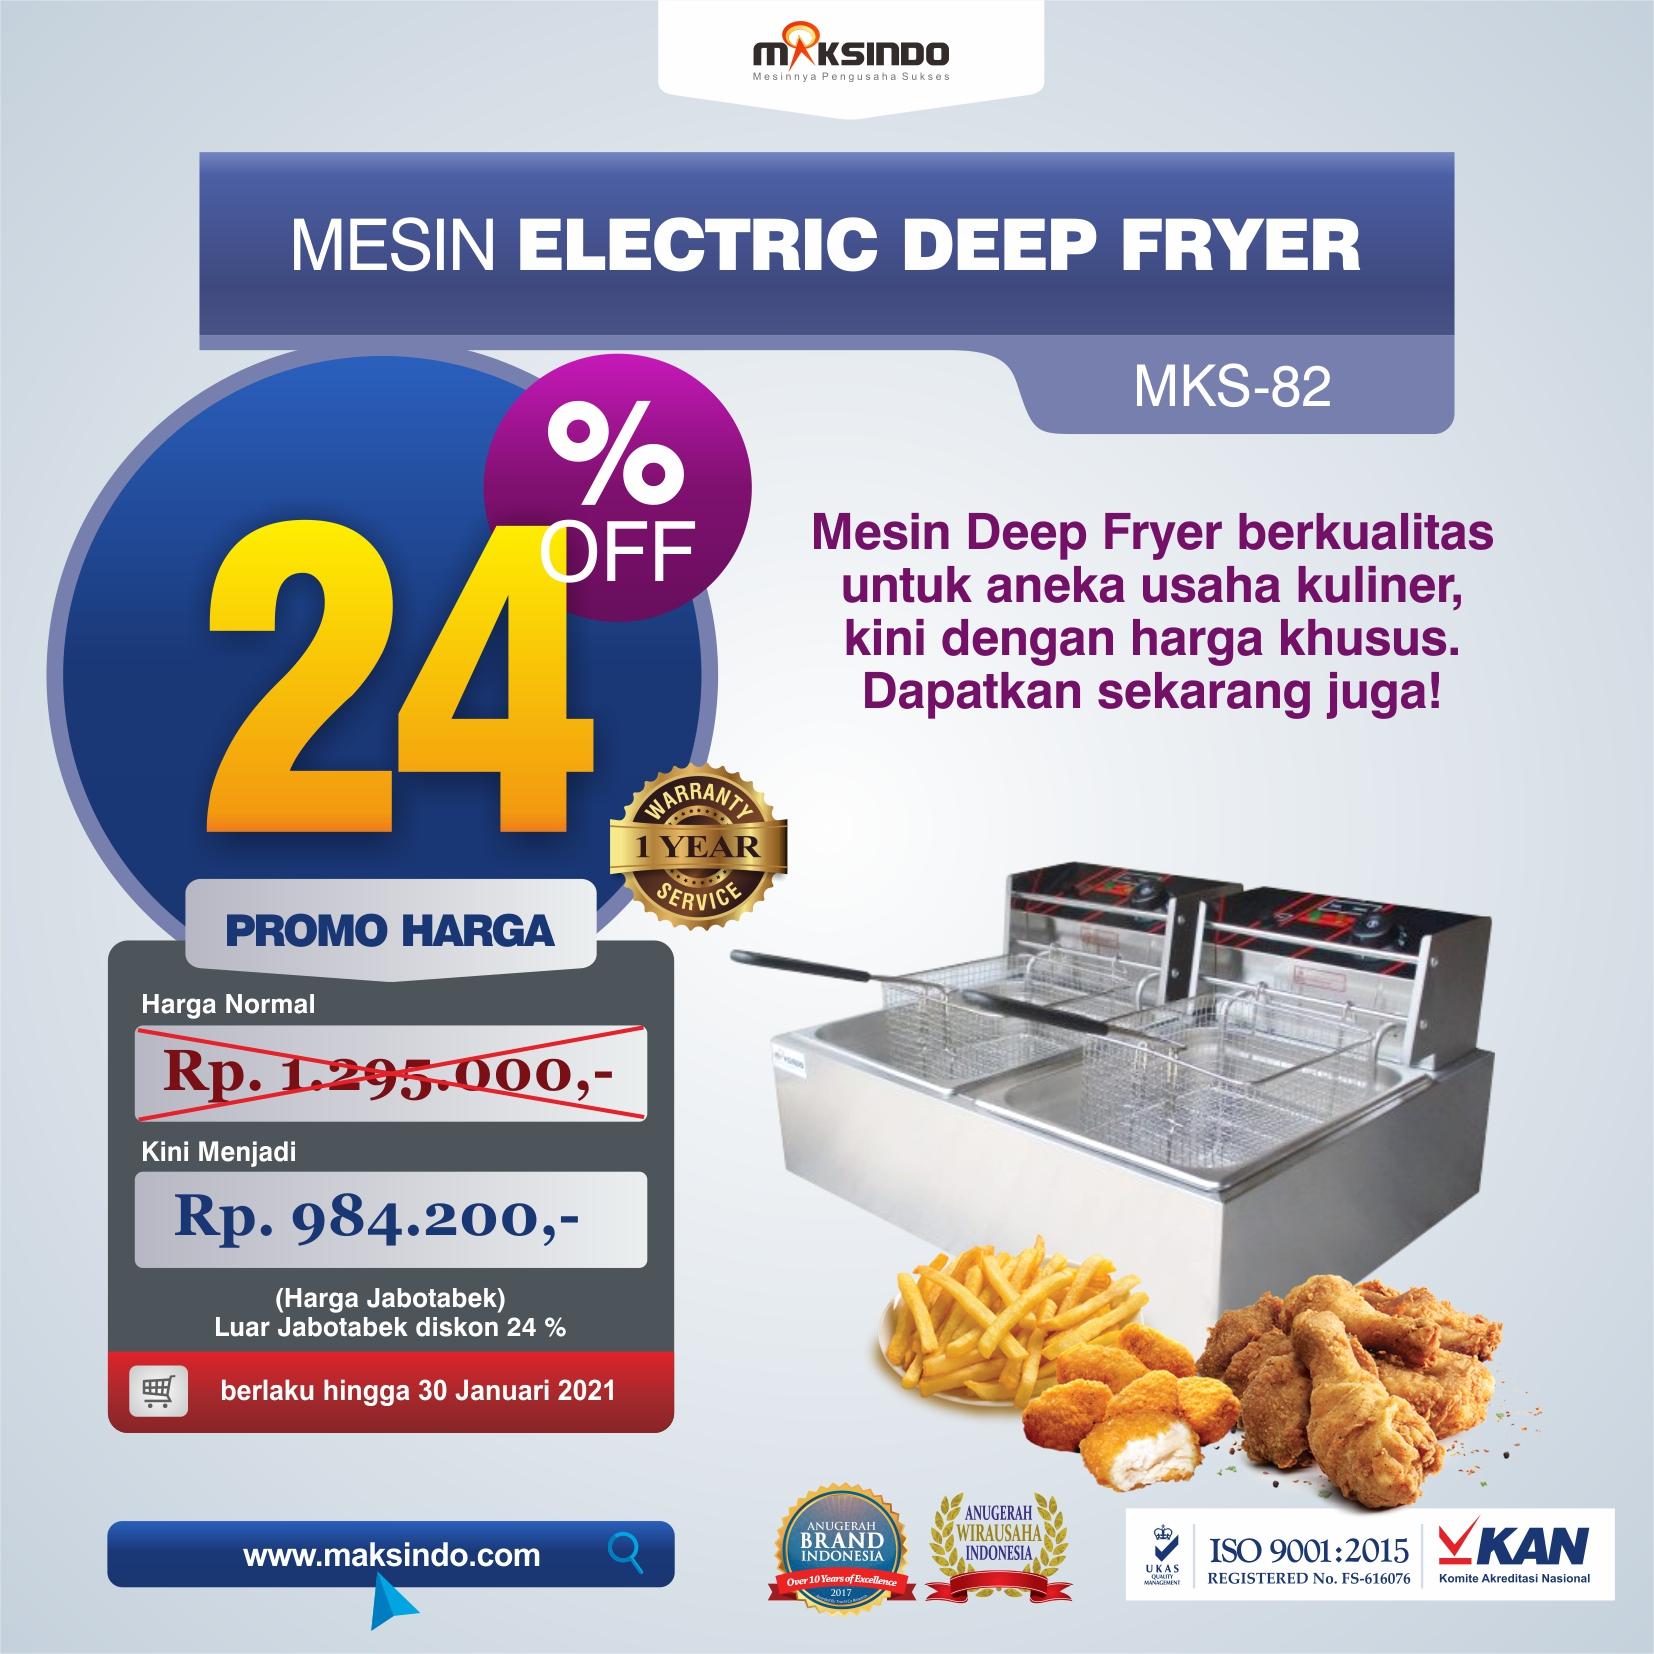 Jual Mesin Electric Deep Fryer MKS-82 di Bekasi